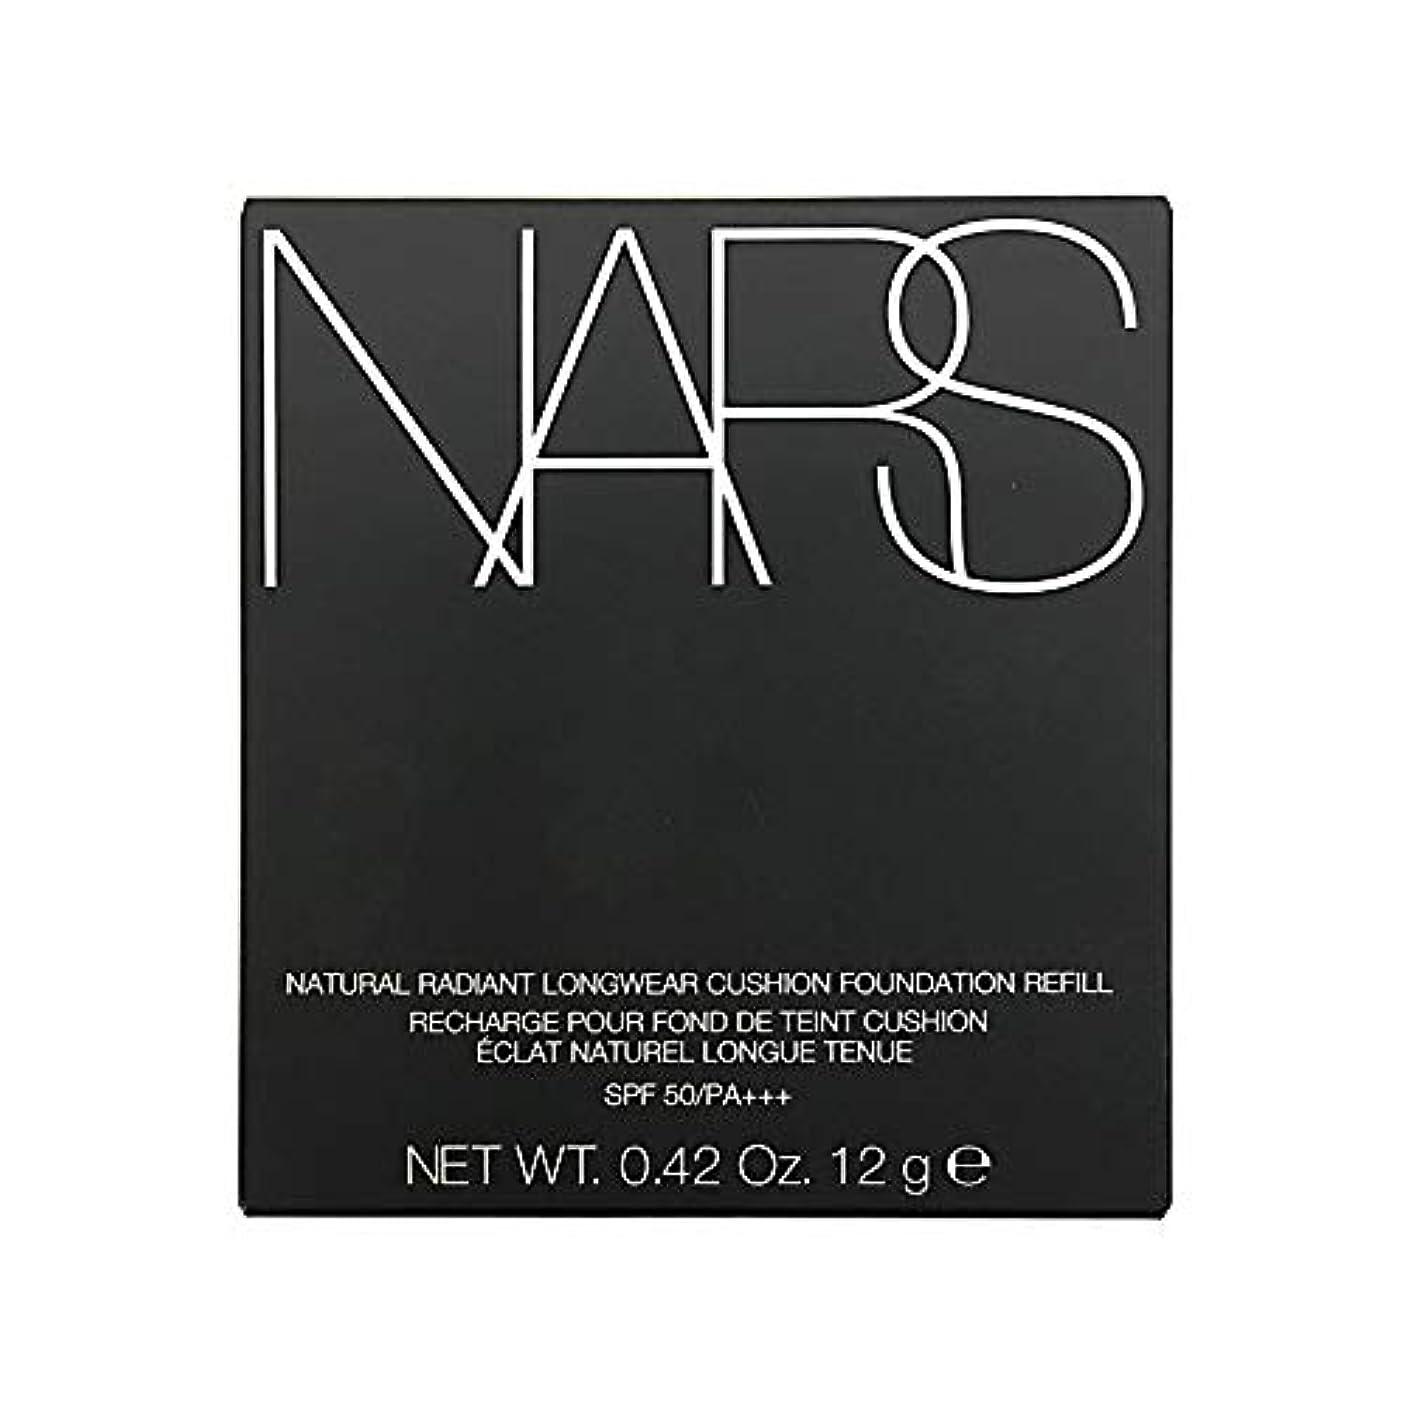 突進ただクリープナーズ/NARS ナチュラルラディアント ロングウェア クッションファンデーション(レフィル)#5878 [ クッションファンデ ] [並行輸入品]